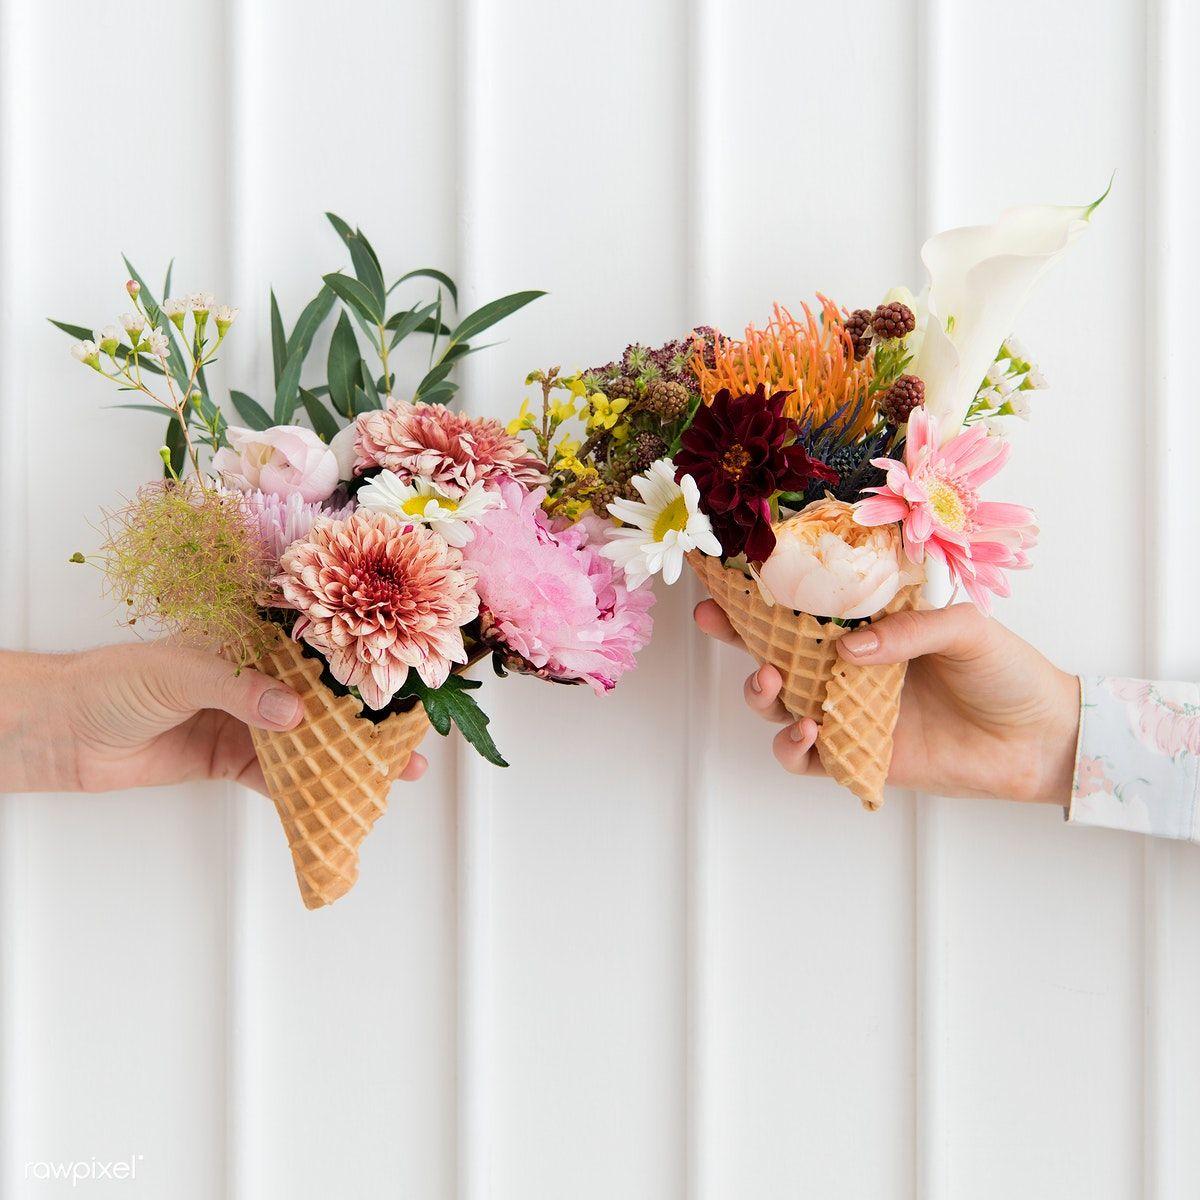 Two Women Holding Up Flowers In Ice Cream Cones Free Image By Rawpixel Com Jira Icecreamcone Flowers Flowerstagram Flo Mit Bildern Kostenlose Bilder Blumen Bilder